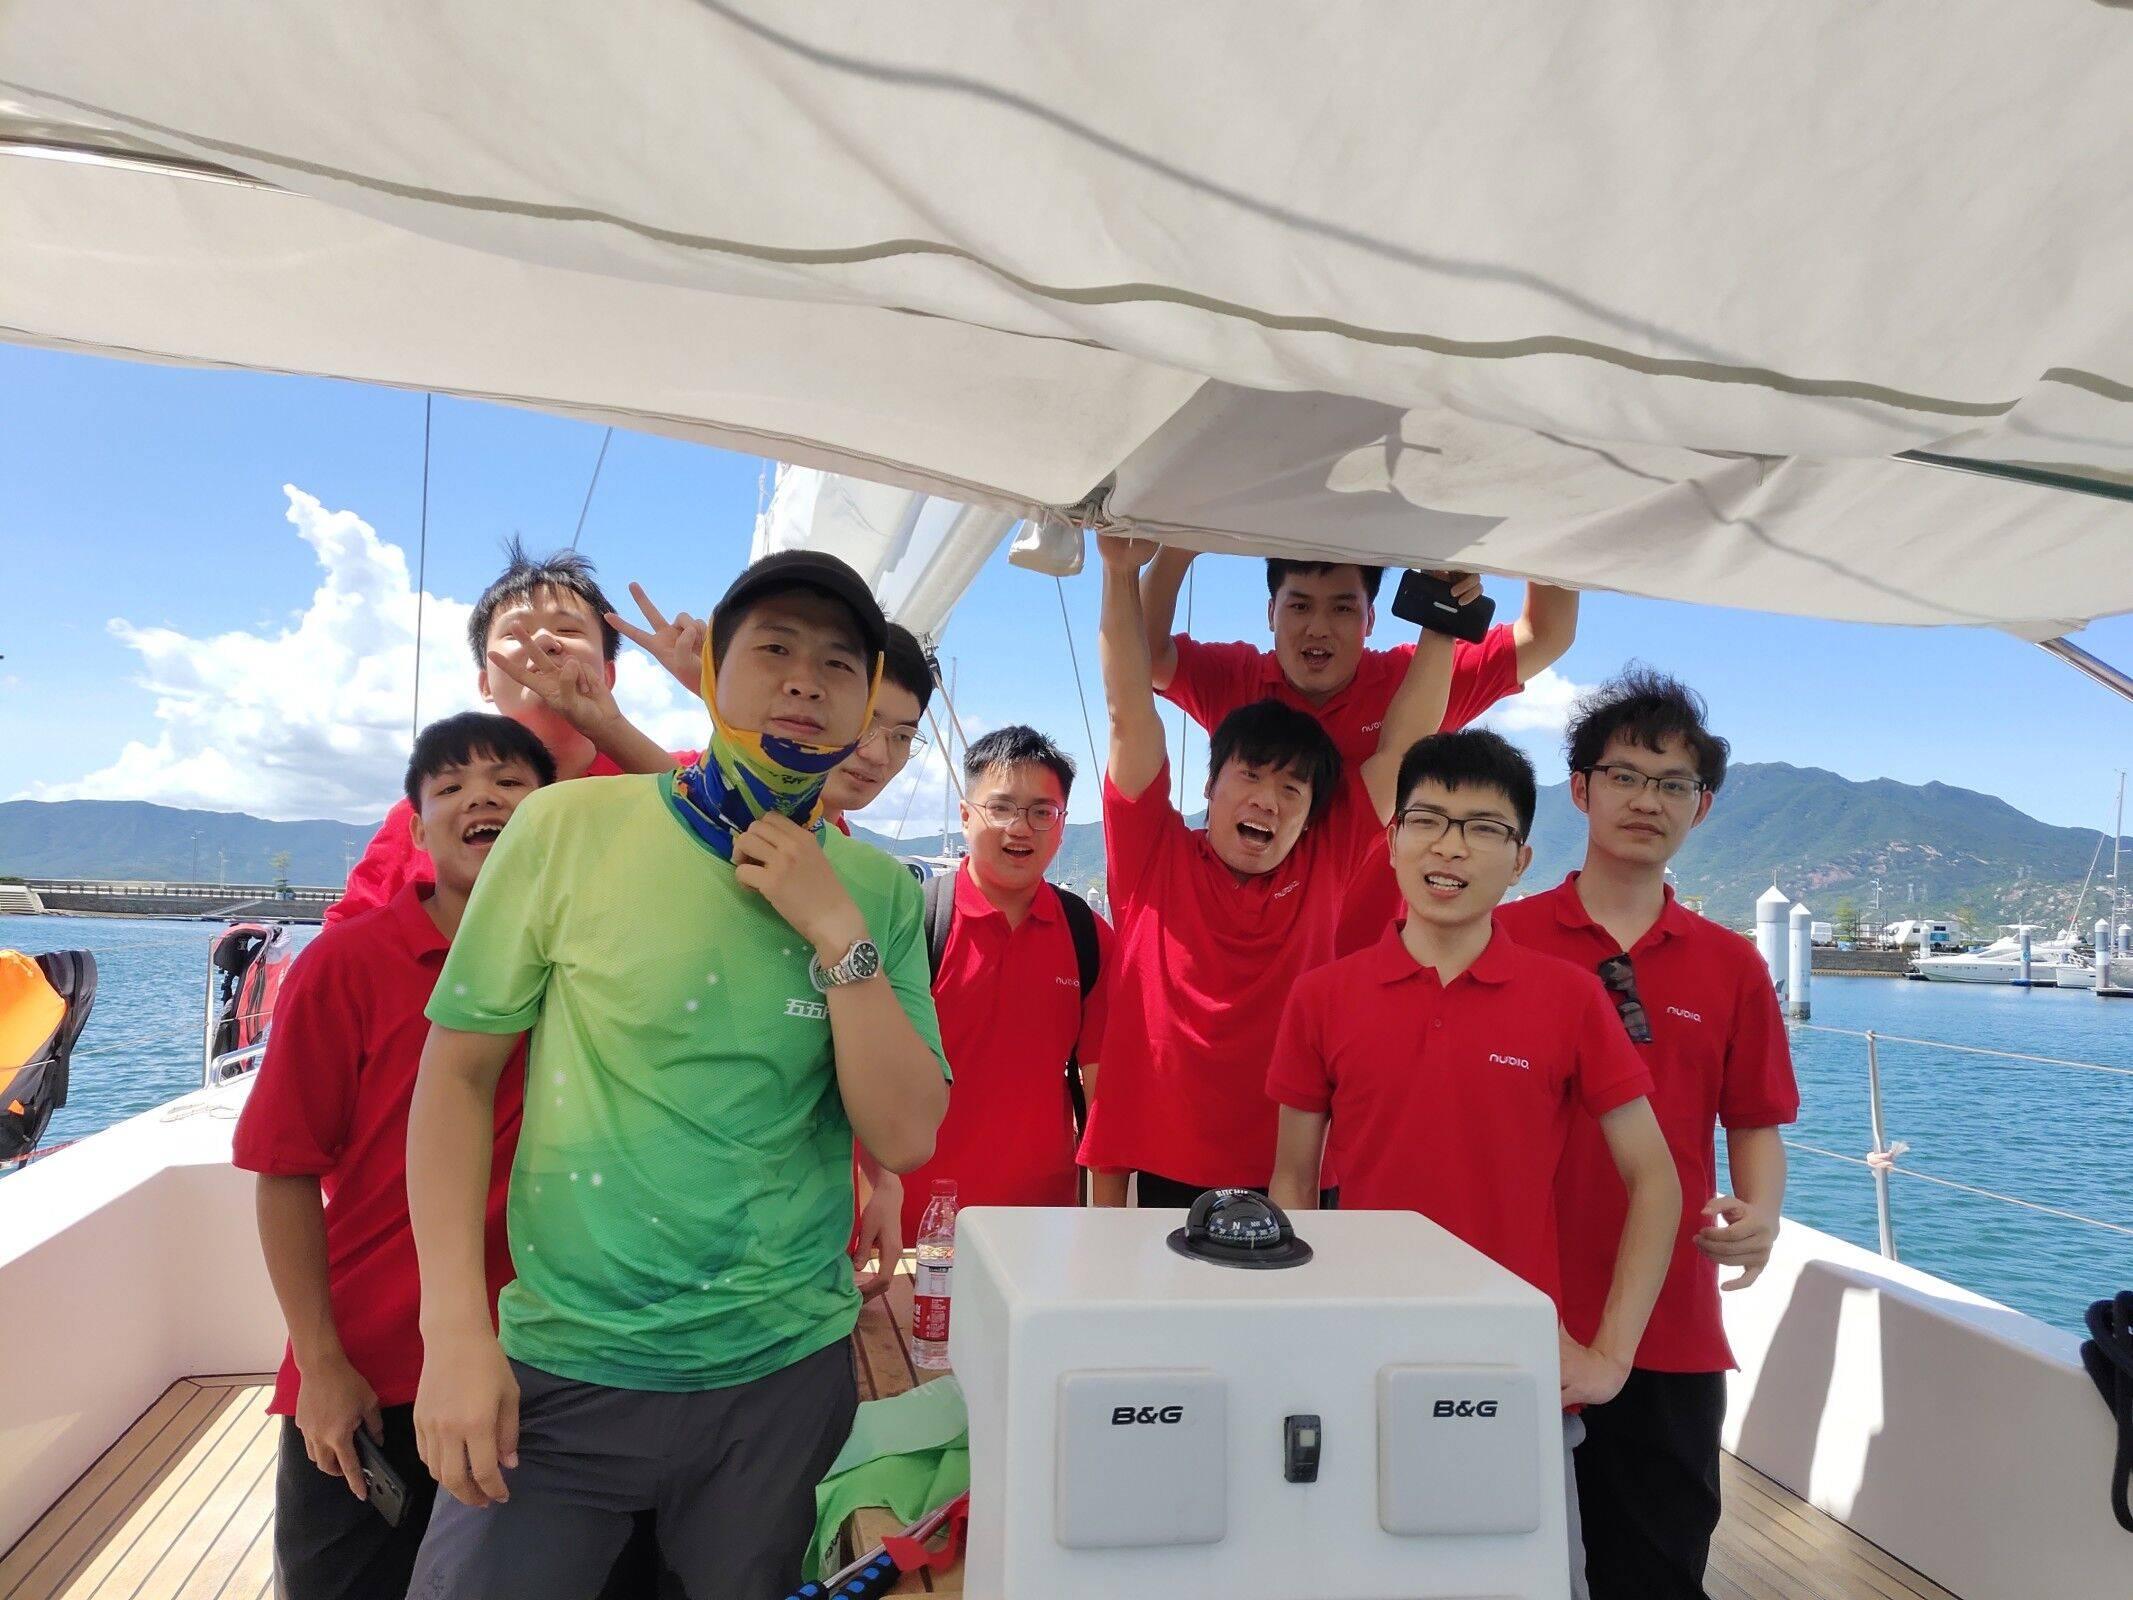 努比亚技术有限公司五五户外大鹏团建一日游12